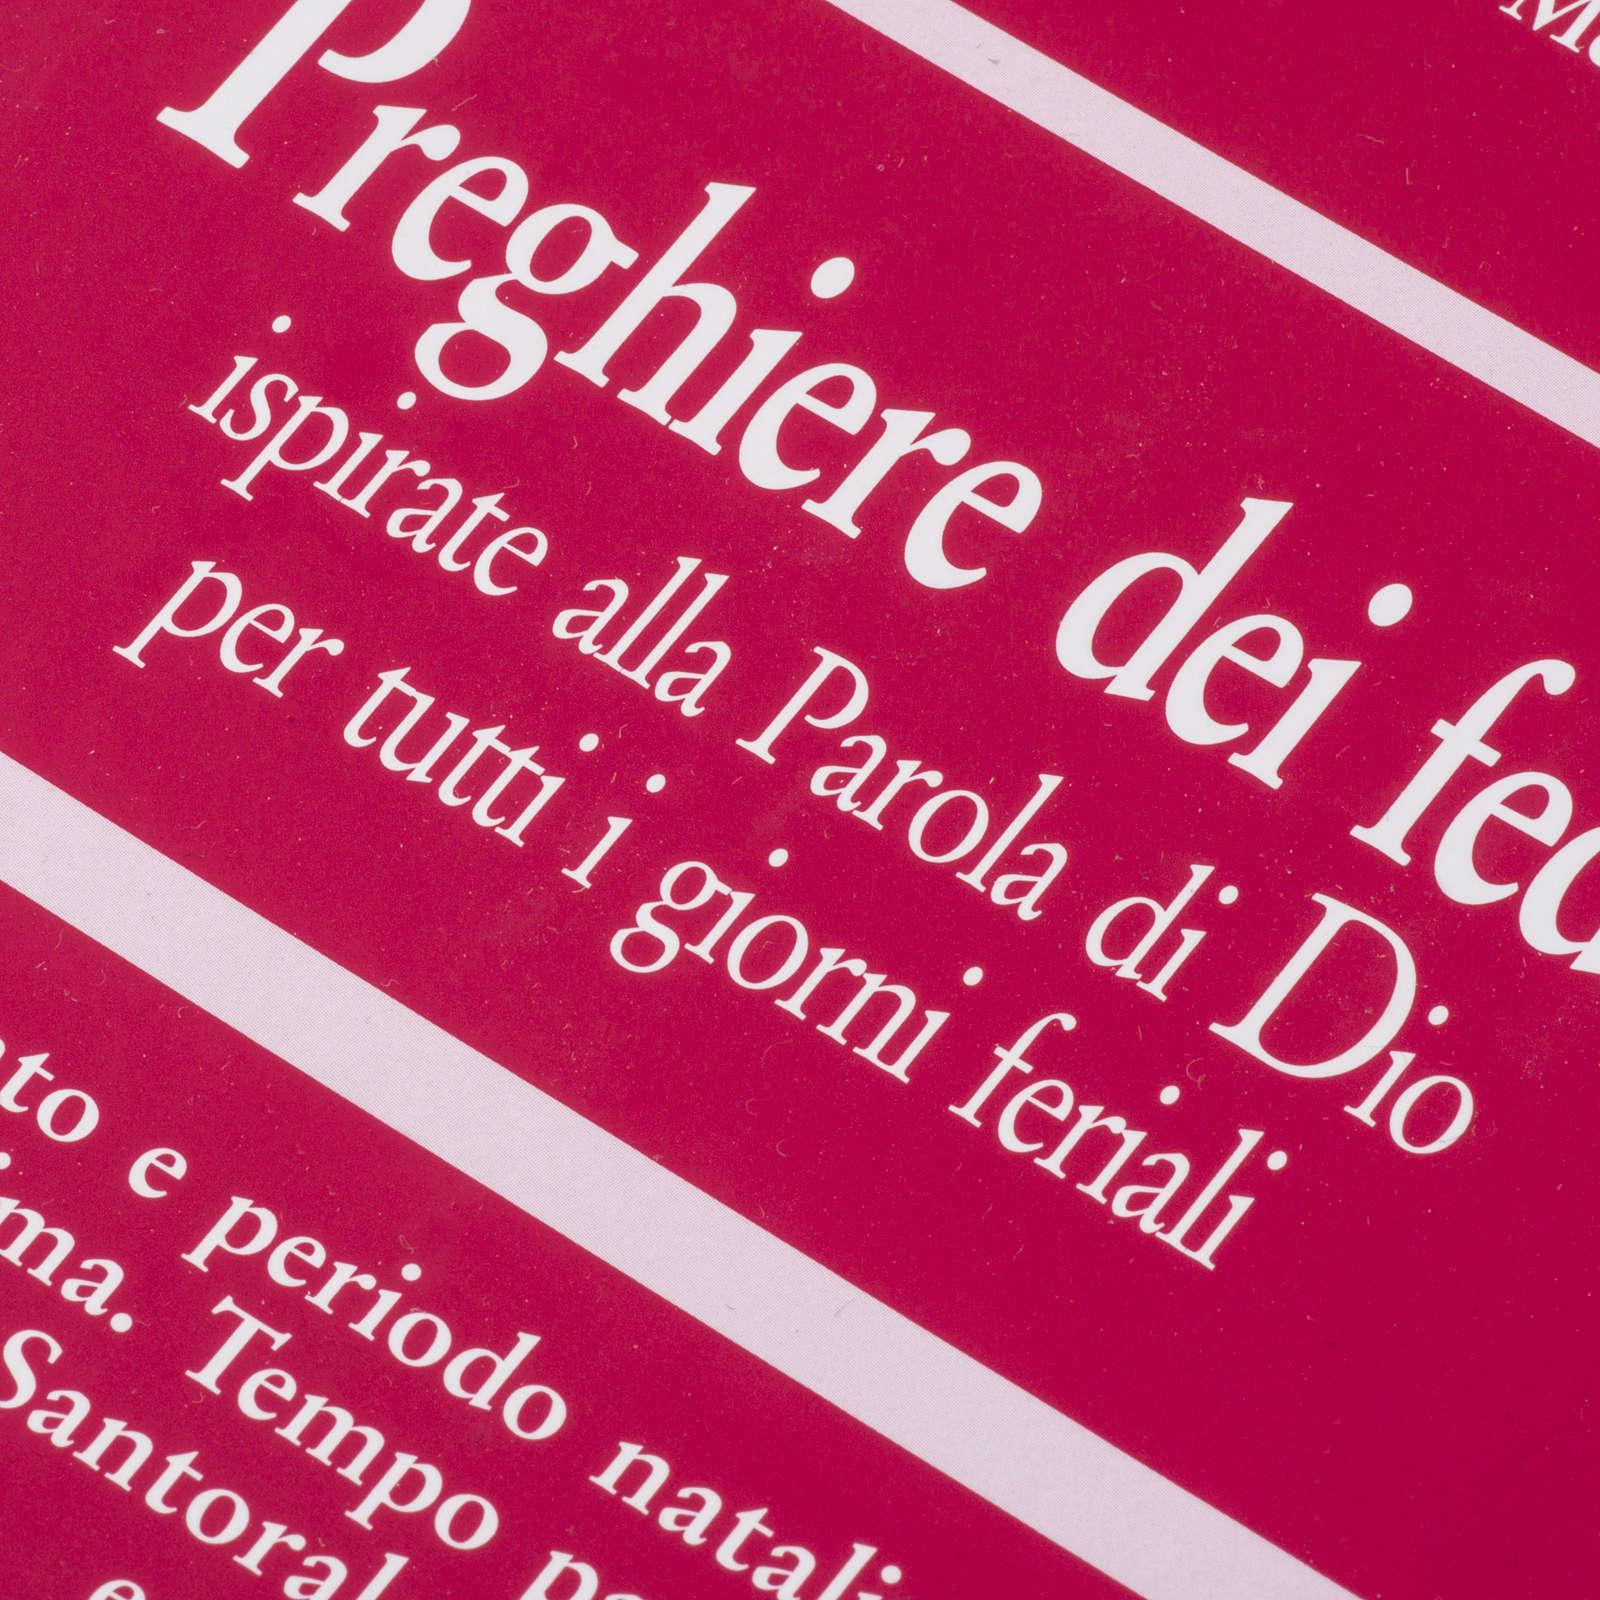 Preghiere dei fedeli Tempo Avvento, Natalizio, Quaresima, Pasqua 4